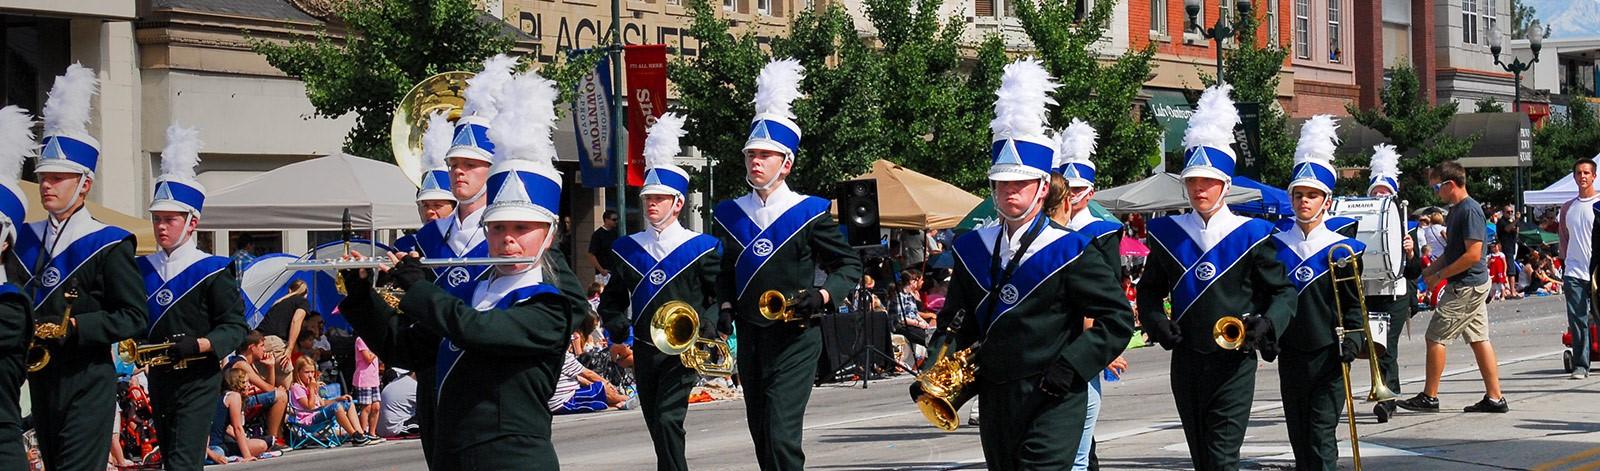 Grand Freedom Parade